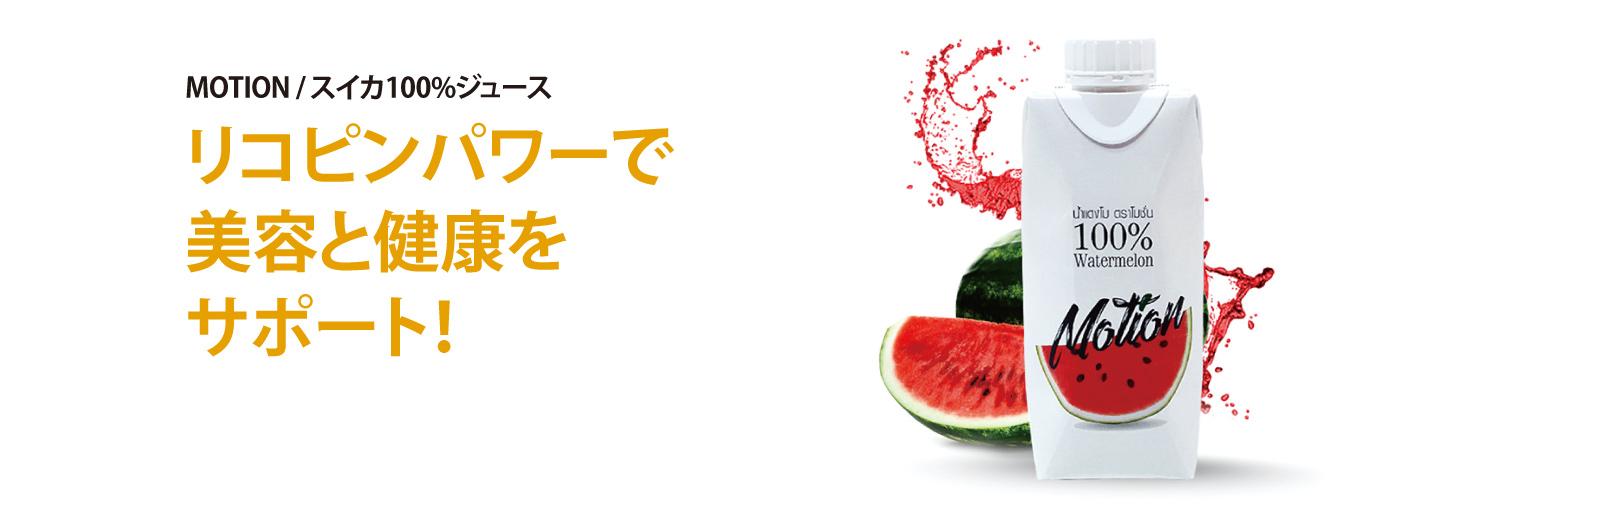 リコピンパワーで美容と健康をサポート! MOTION / スイカ100%ジュース デビュー!